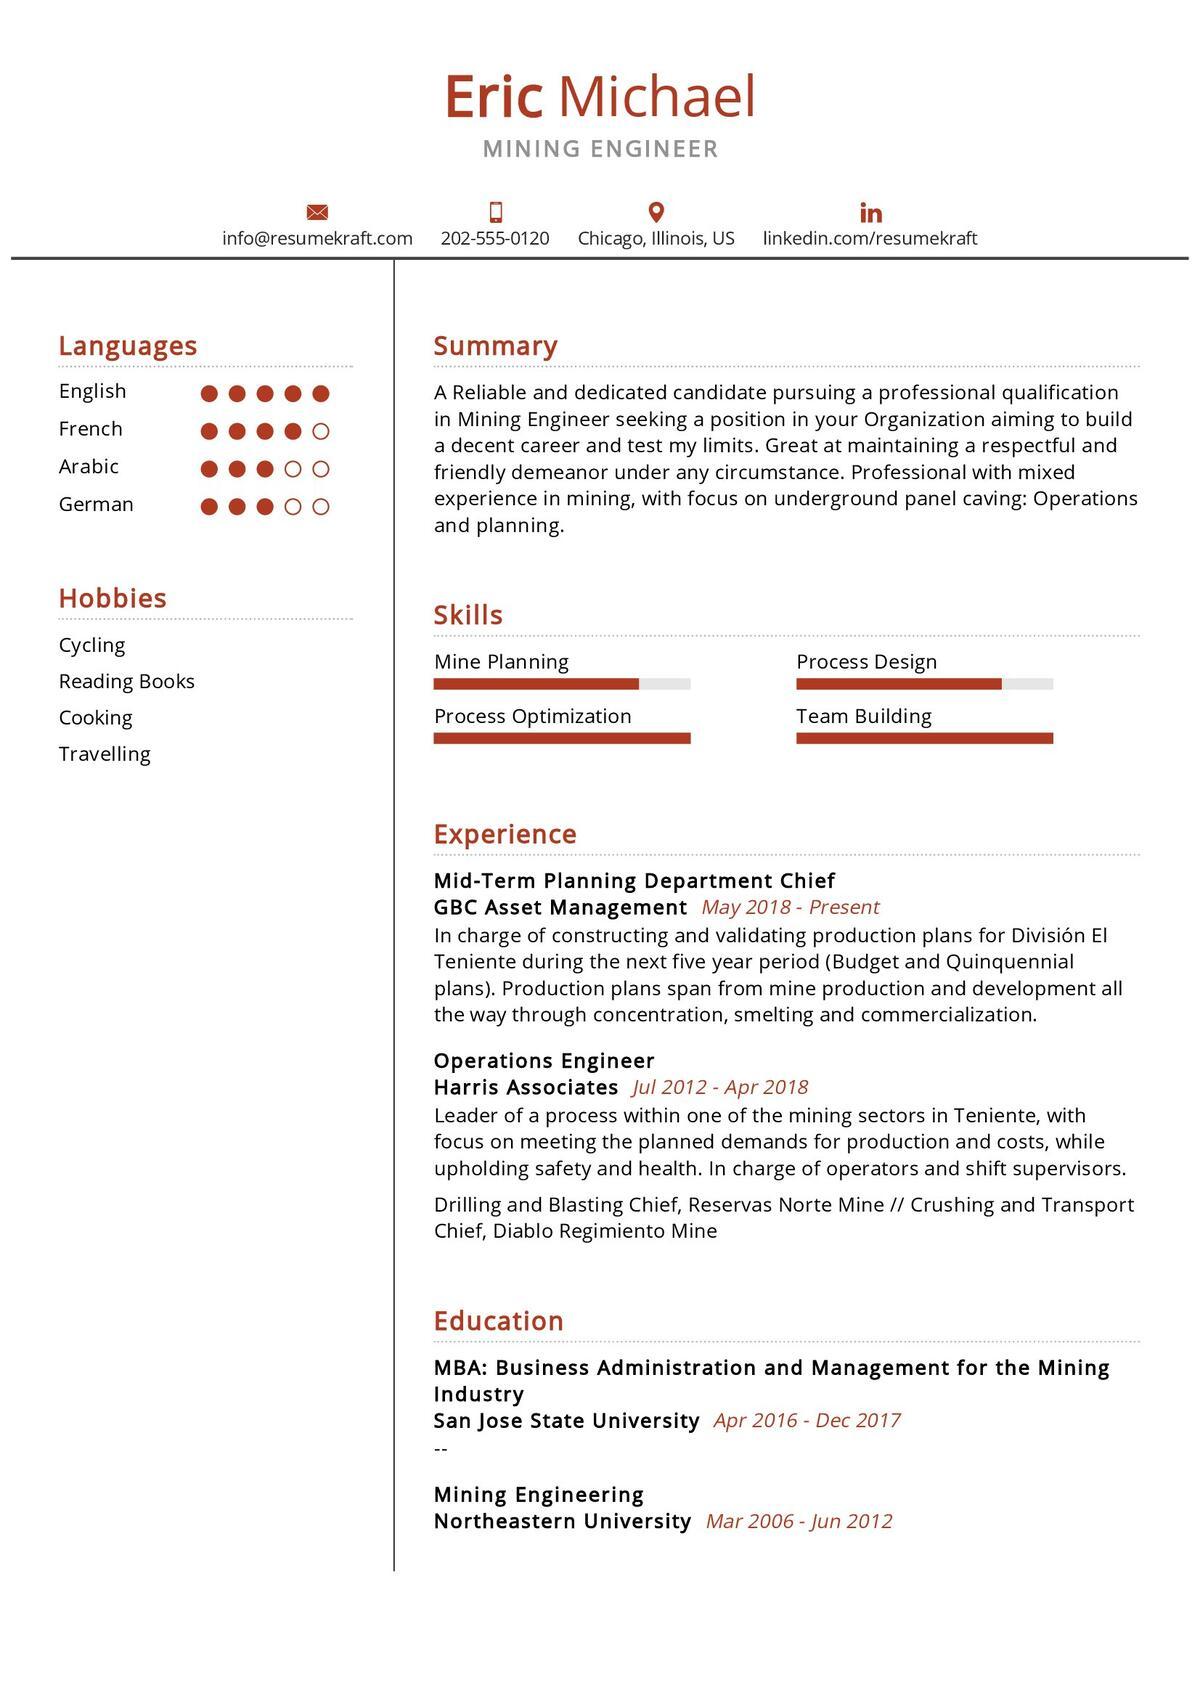 Mining Engineer Resume